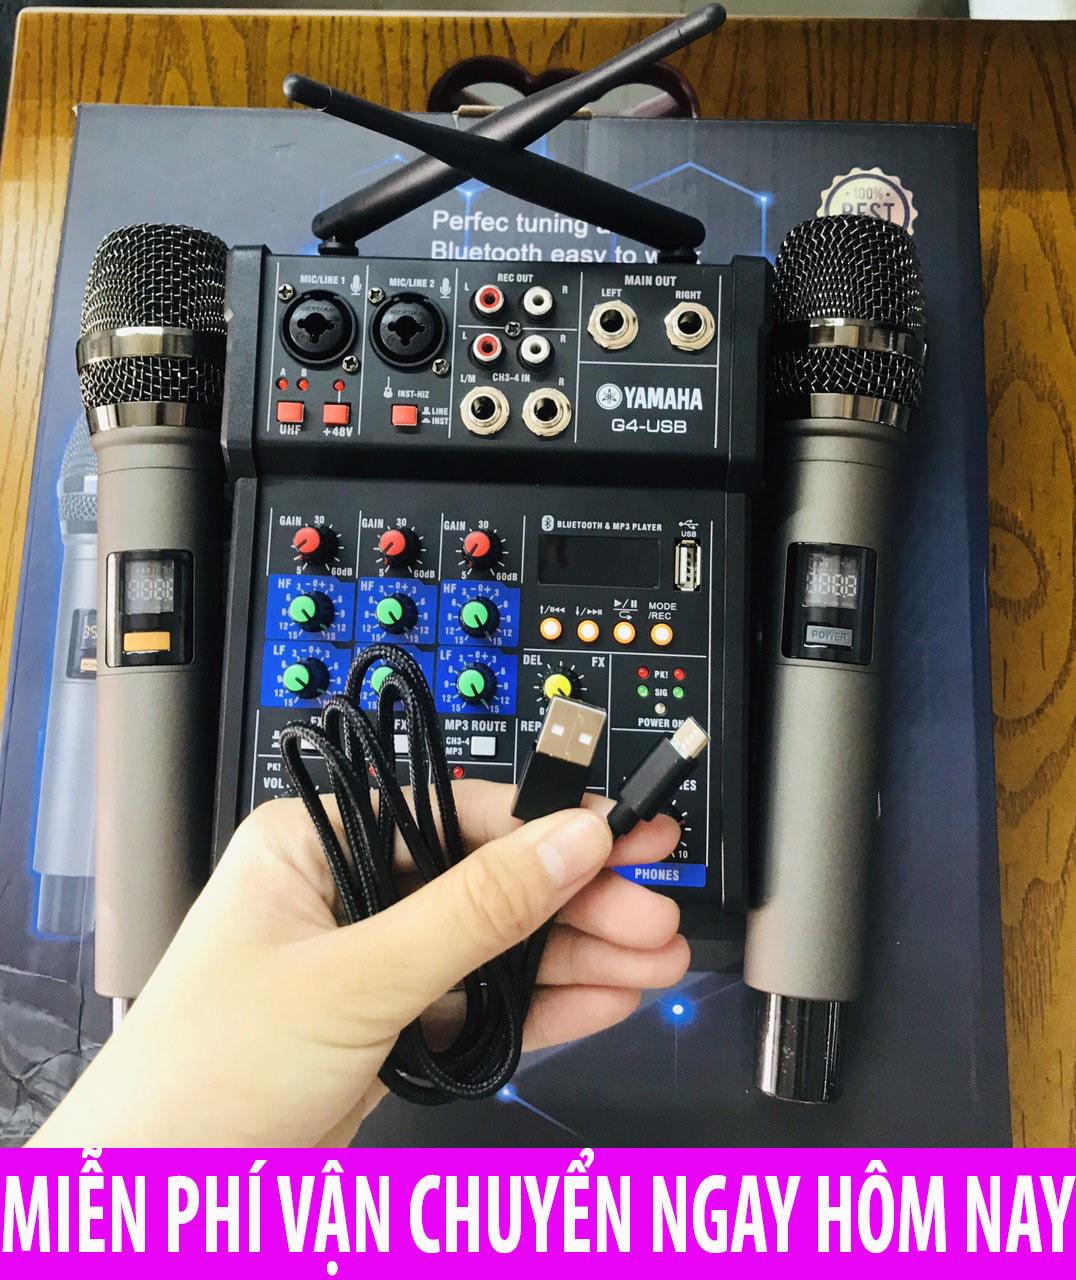 [TẶNG 2 MICRO KHÔNG DÂY] Combo Trọn Bộ Bàn Mixer G4 Thế Hệ Mới Cao Cấp, Bàn Mixer G4 Live Stream  Màn Hình Led Có Bluetooth Dành Cho Loa Kéo - Âmly Dàn Hát Karaoke Gia - Hỗ Trợ Bluetooth , USB Nên Tiện Lợi Khi Kết Nối